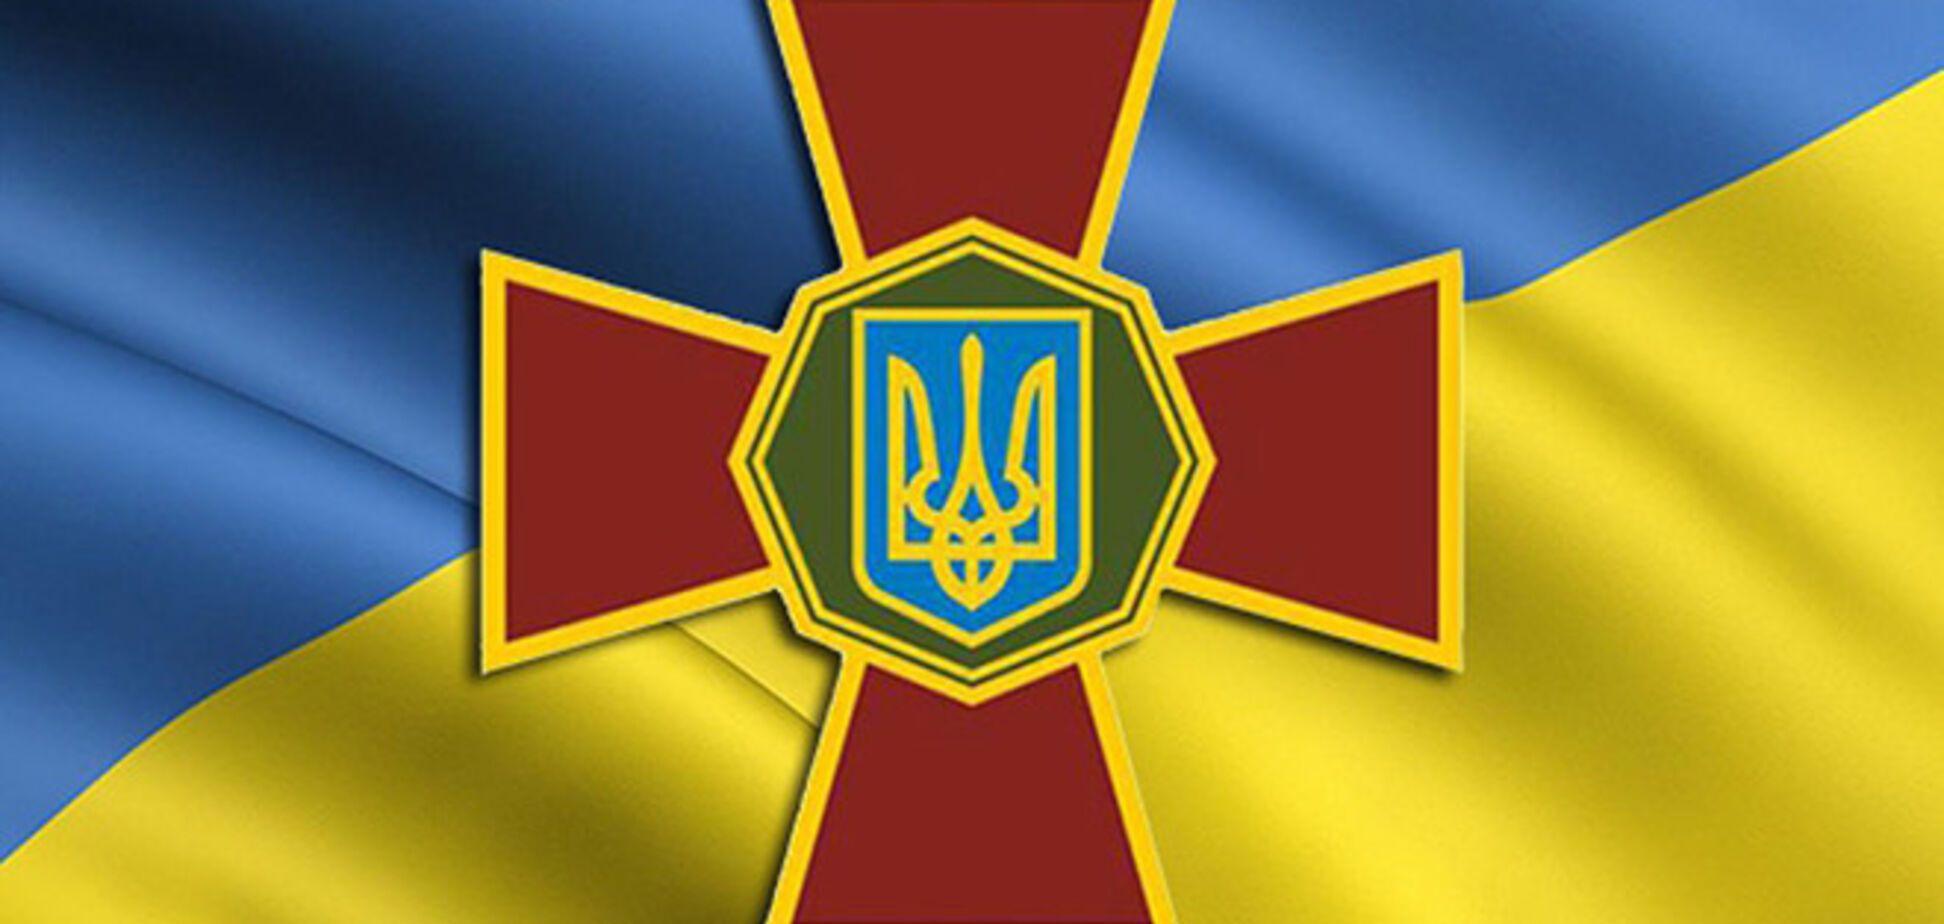 Інформація про прохання Нацгвардії ввести НП на Донбасі опинилася фейком